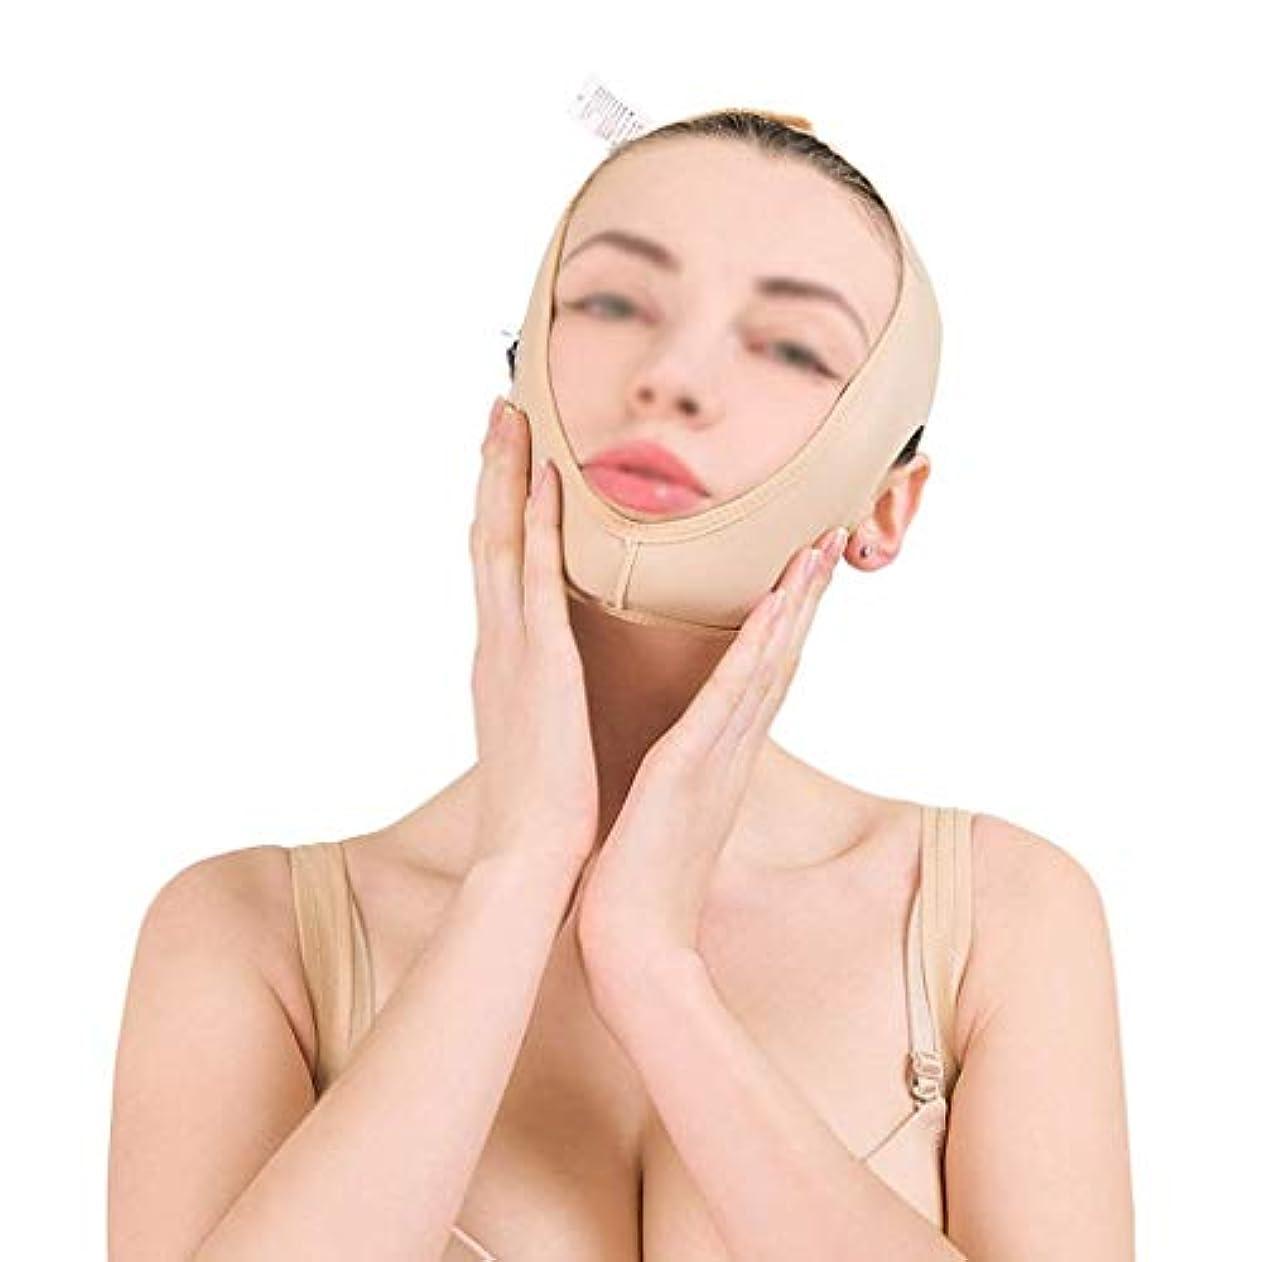 やりすぎショット褒賞マスク減量、肌の包帯を引き締めるリフティングフェイスバンド、フェイスリフティング、ダブルチンビューティバンデージ、フェイスリフト(サイズ:L),ザ?